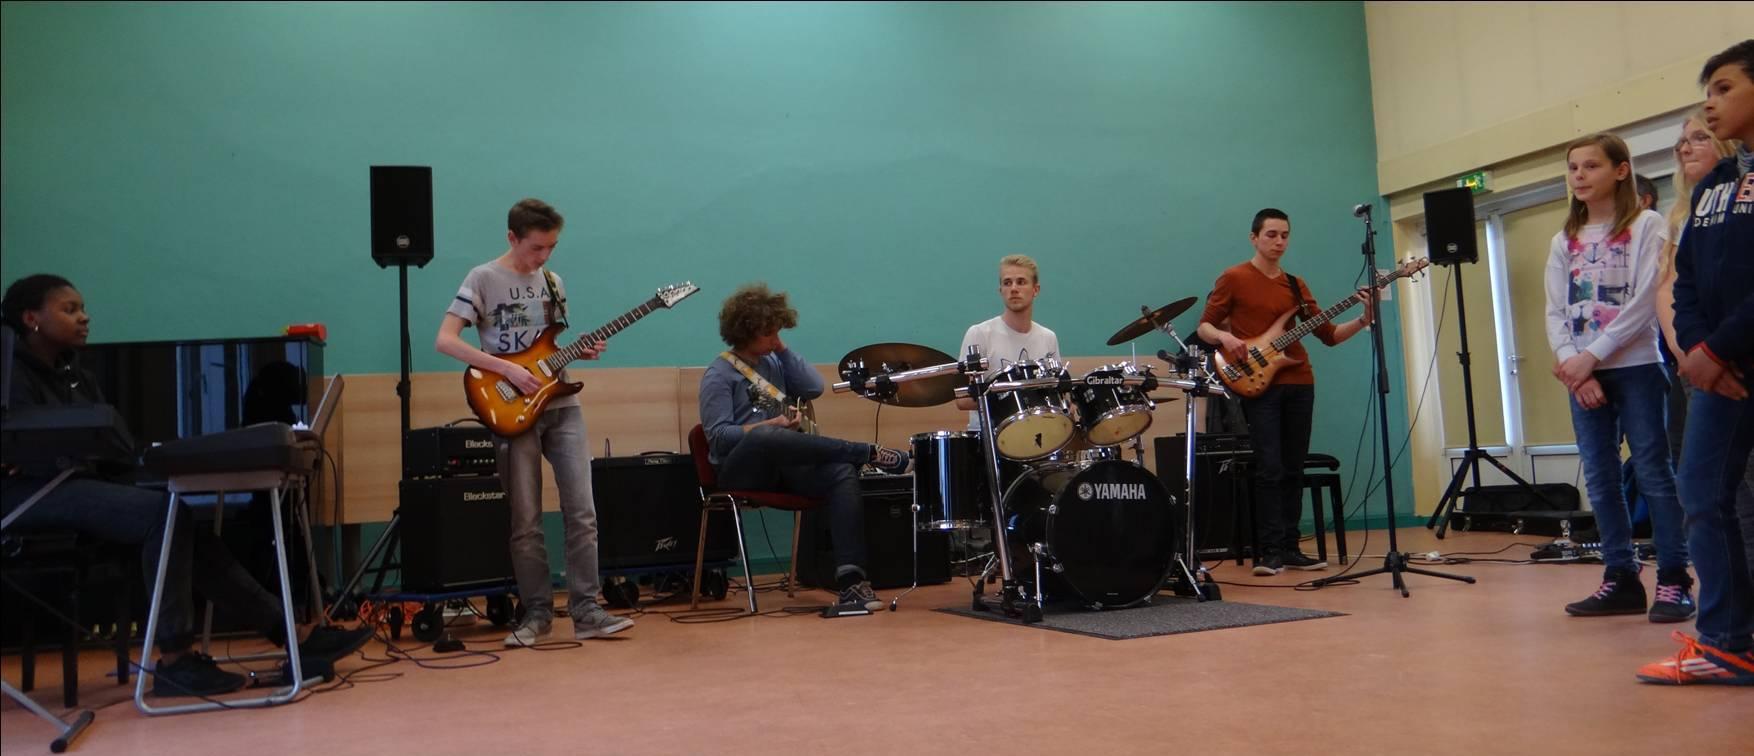 Répétition rock avec les musiciens 05.jpg